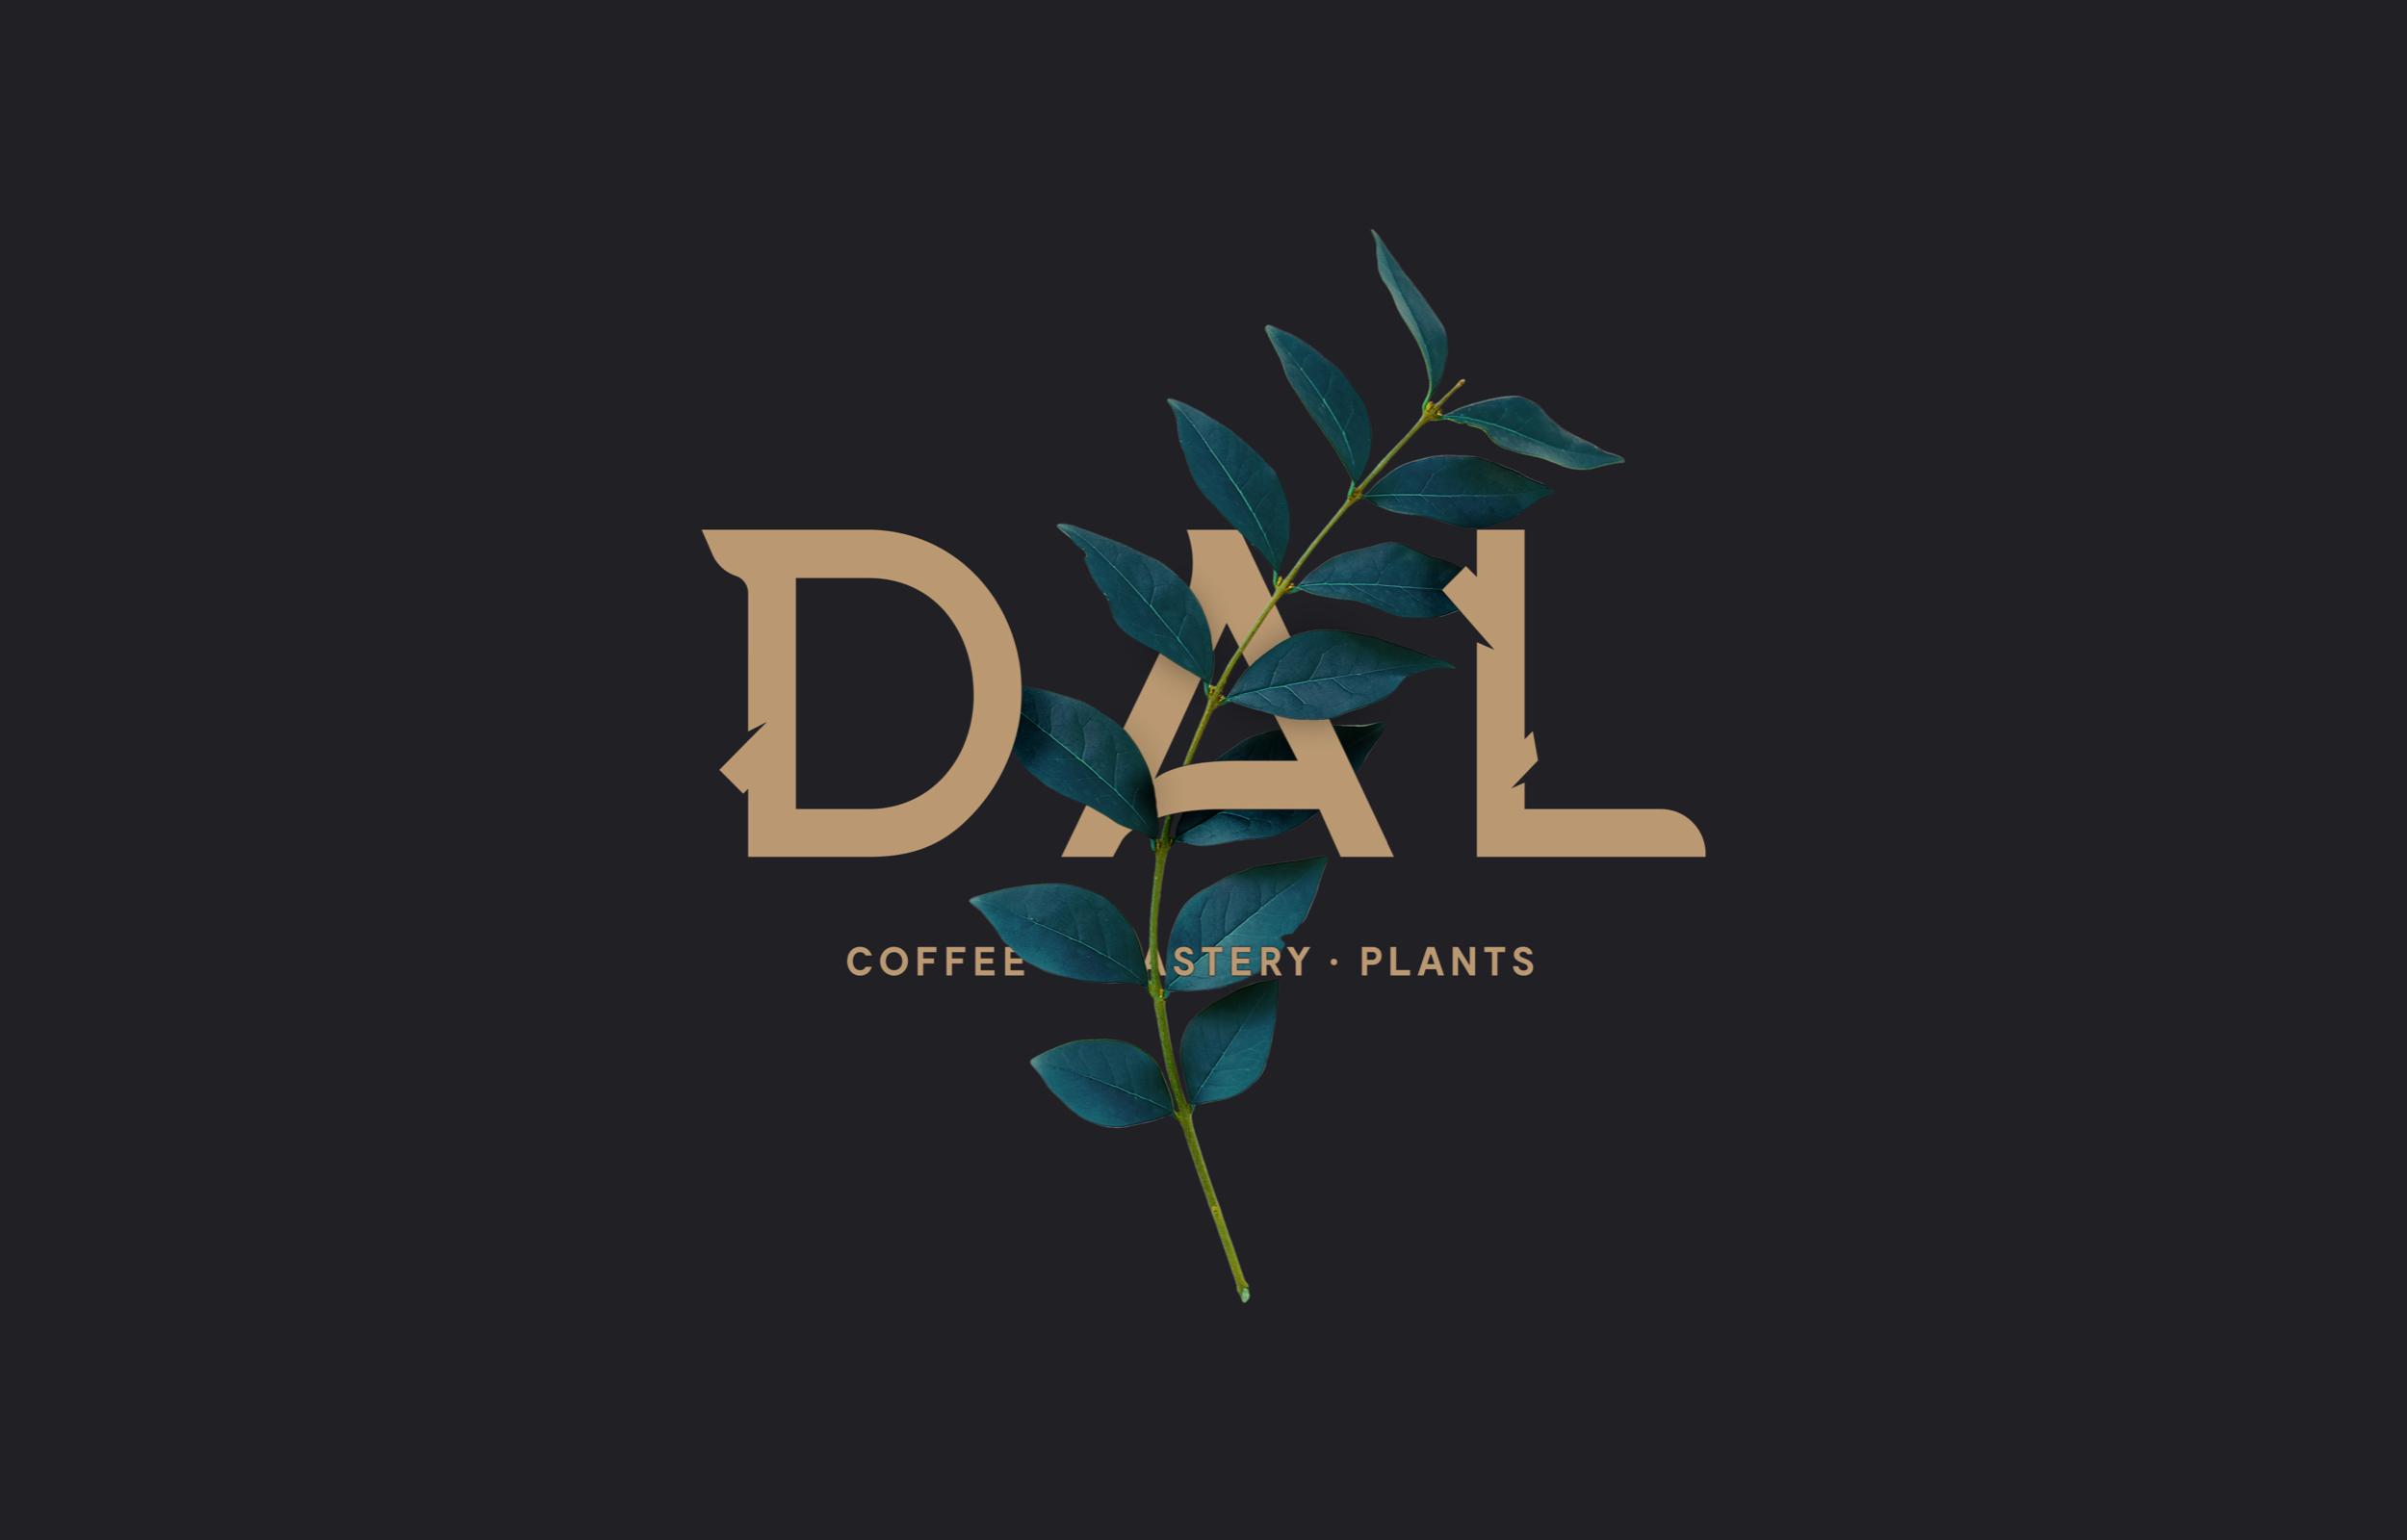 DAL-COFFEE-GOKTENTUT-2